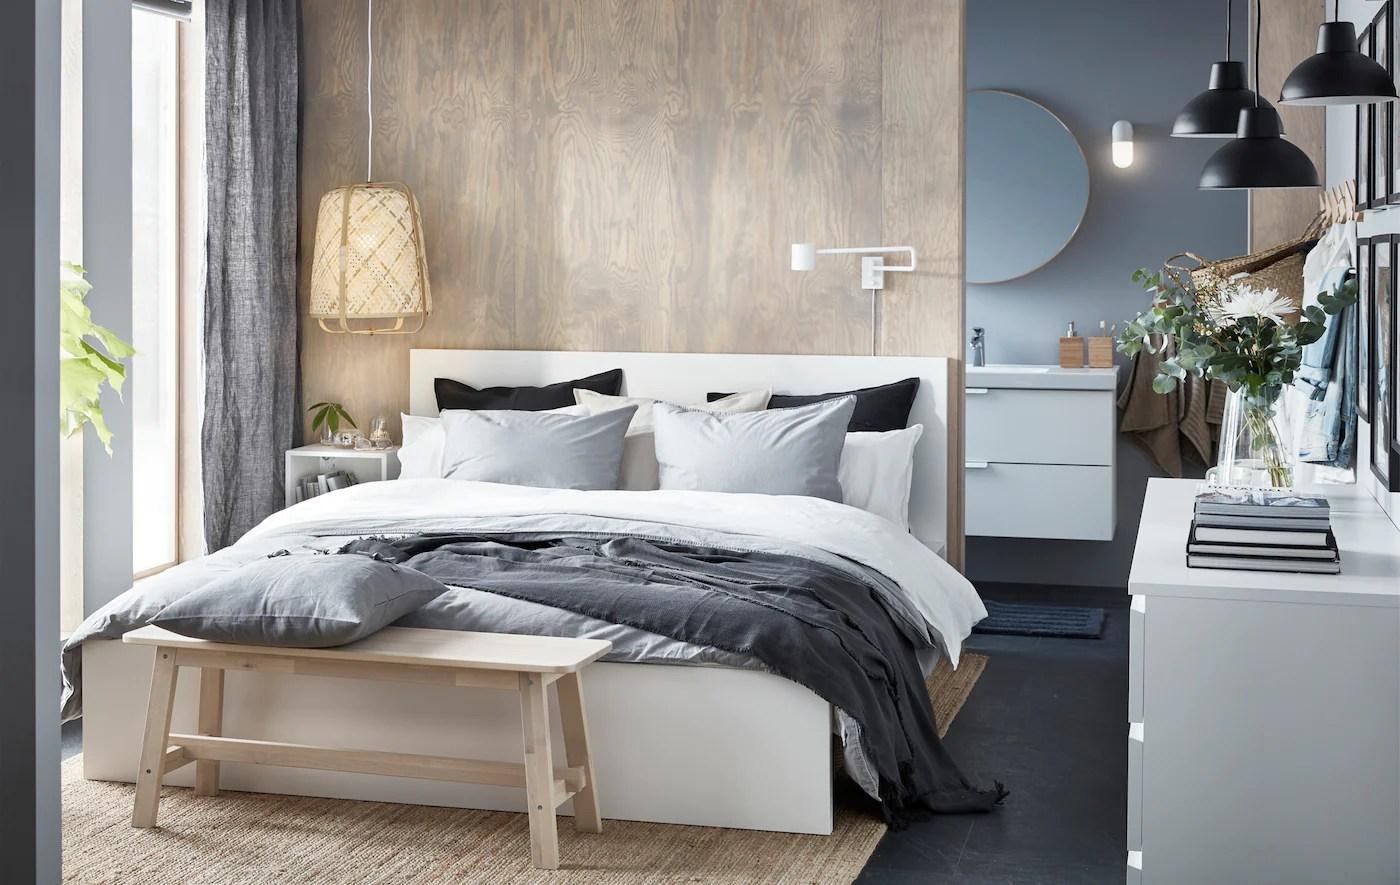 Per la tua camera da letto shabby, letti, como e cassettiere, comodini. Hacher Honorable Inutile Ikea Accessori Camera Da Letto Gardemanger Whisky Echangeable